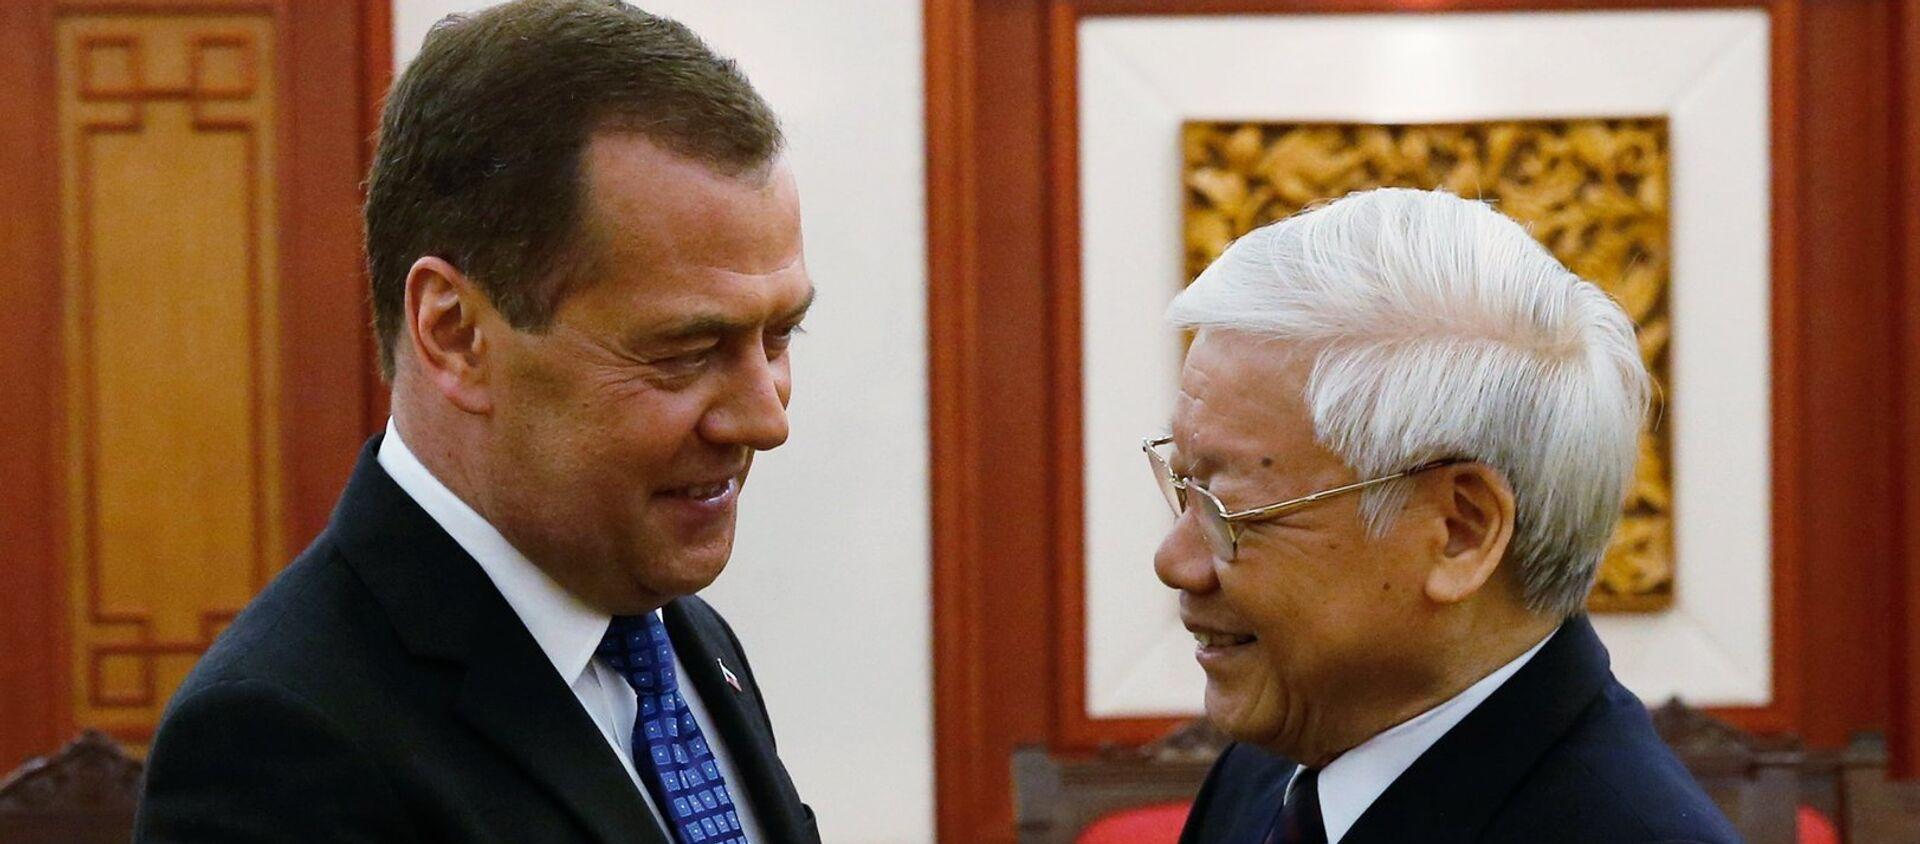 Thủ tướng Nga Dmitry Medvedev và Tổng Bí thư Ban Chấp hành Trung ương Đảng Cộng sản Việt Nam, Chủ tịch nước Nguyễn Phú Trọng tại một cuộc họp tại Hà Nội. - Sputnik Việt Nam, 1920, 08.02.2021